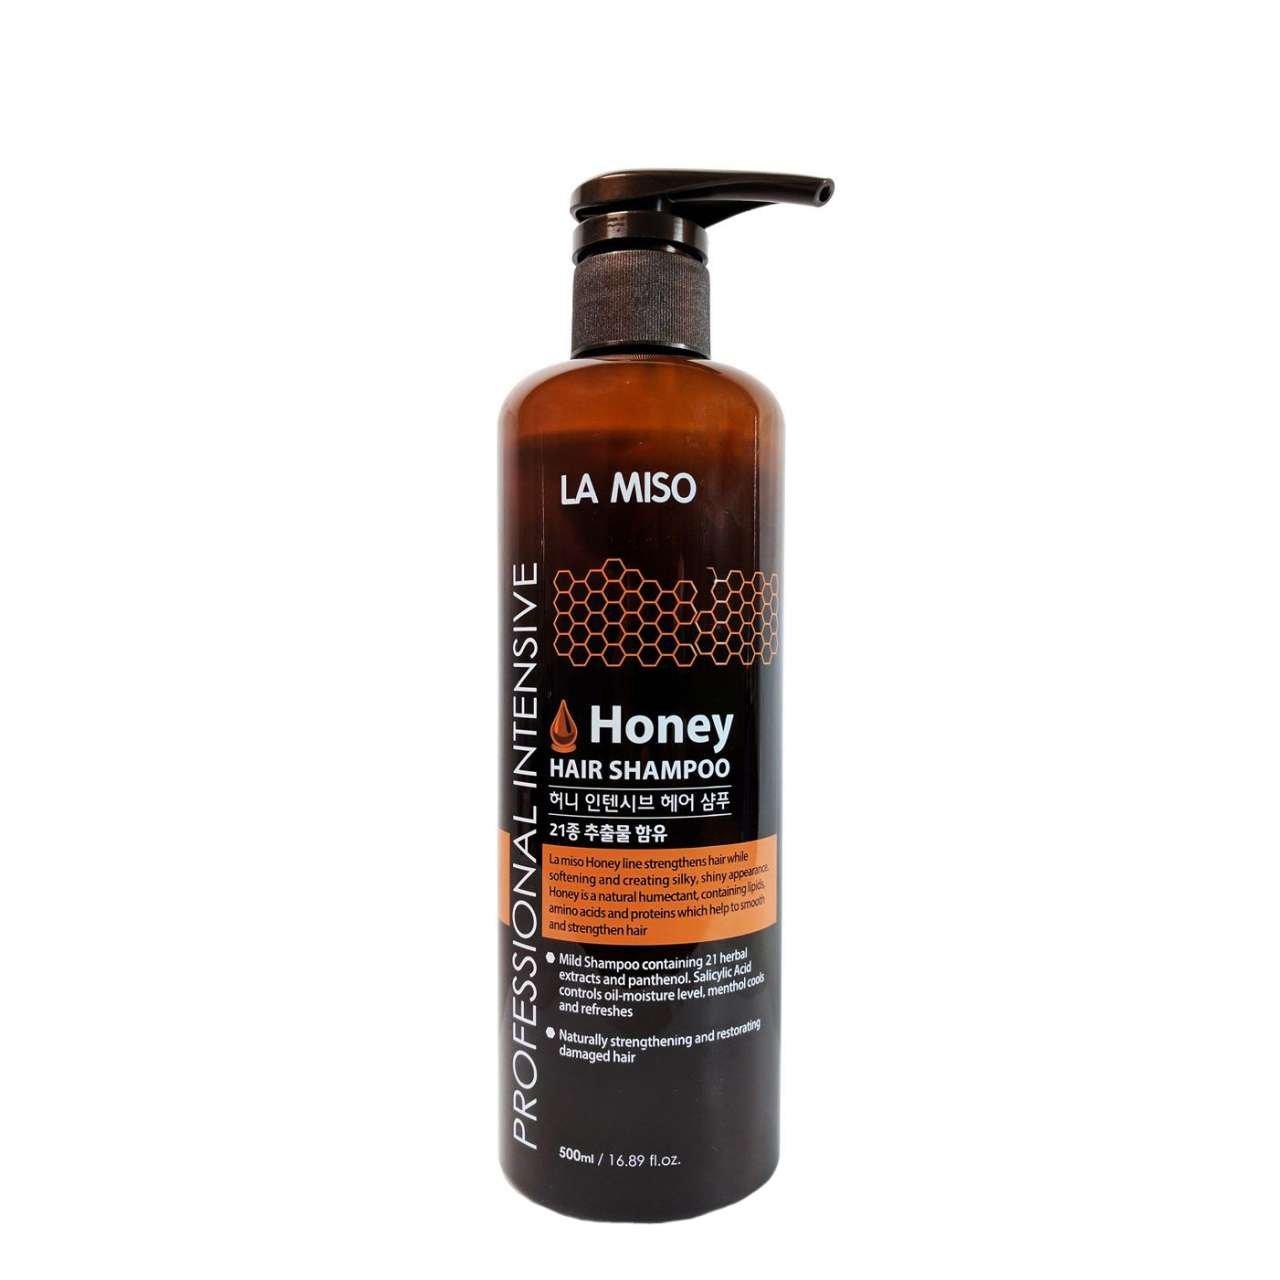 LA MISO Professional Intensive Honey Шампунь для волос